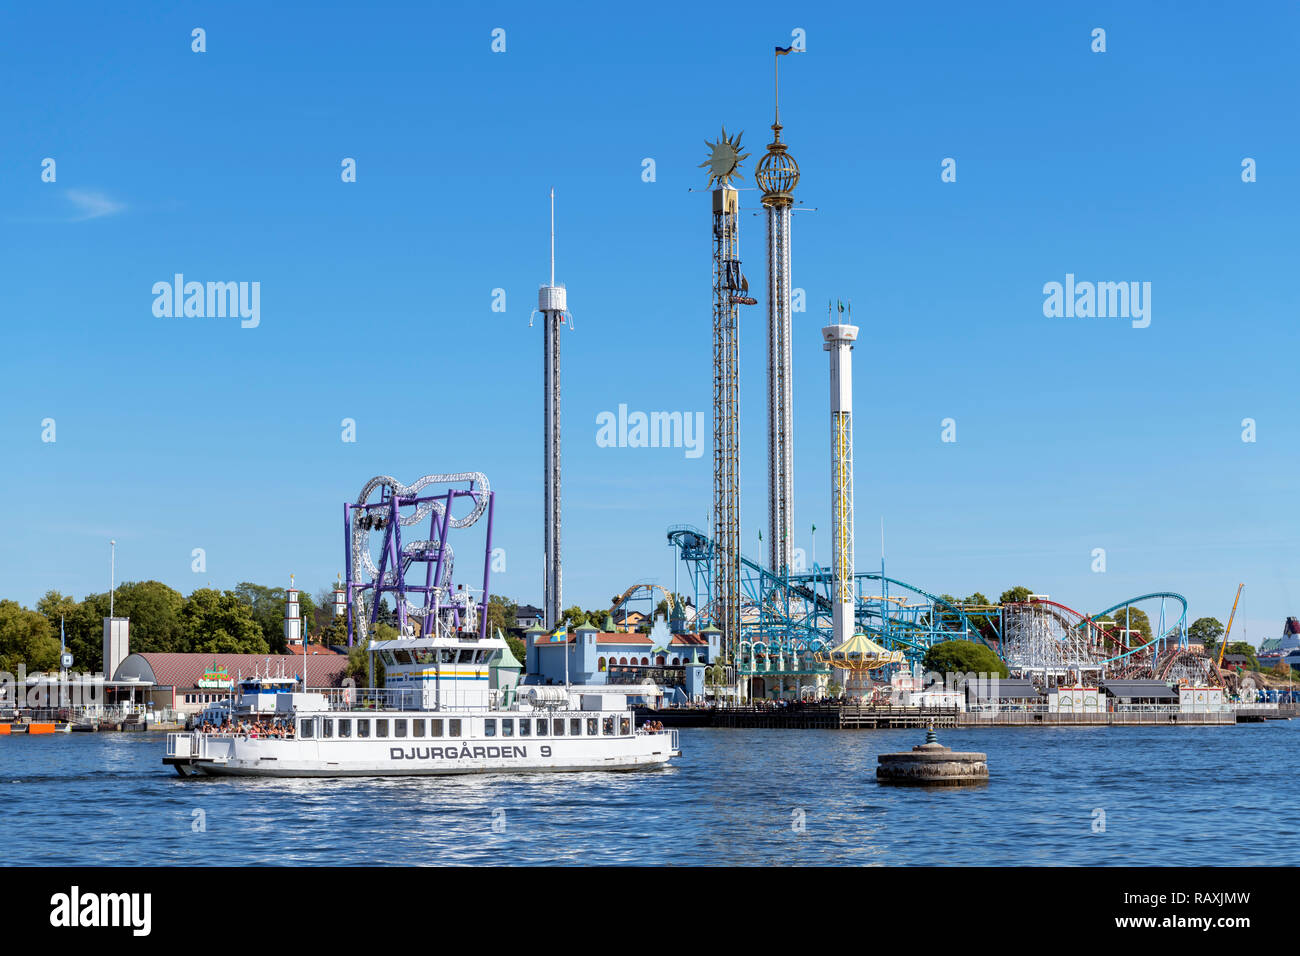 Local Skeppsholmen-Djurgården ferry in front of the Gröna Lund amusement park, Djurgården, Stockholm, Sweden - Stock Image